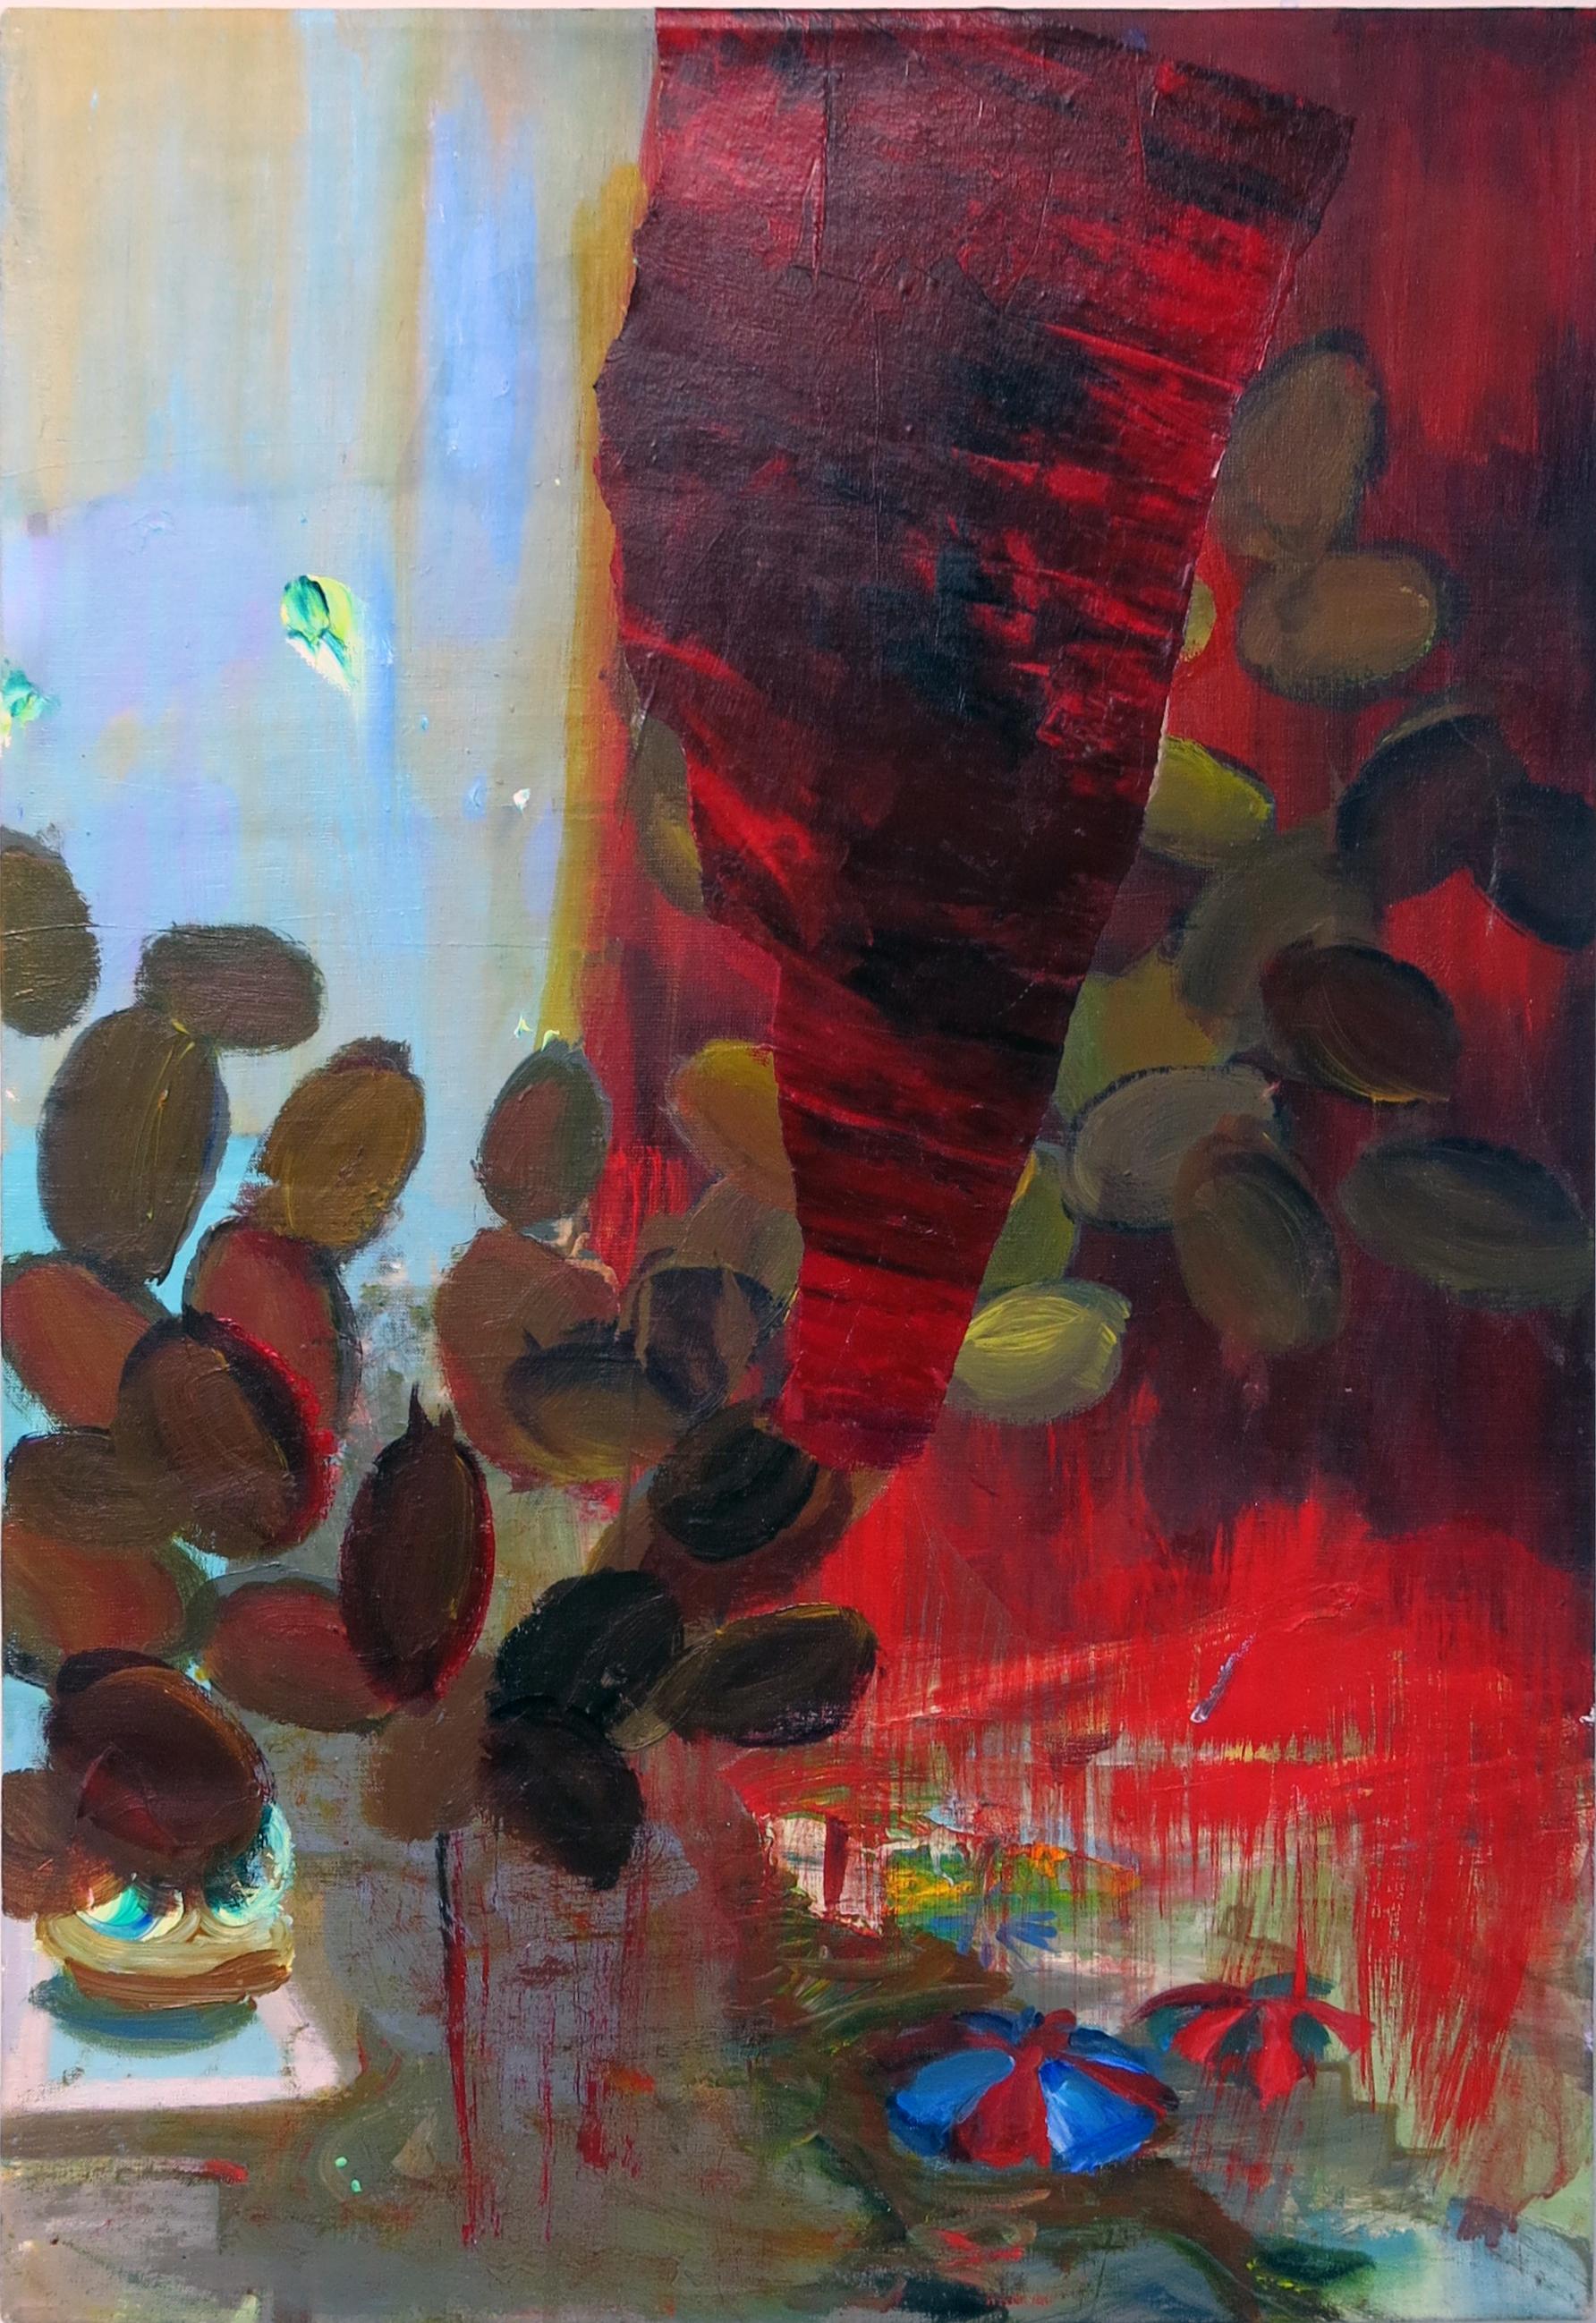 Judith Simonian, Coin Toss, 2014, acrylic on canvas, 26h x 18w in.